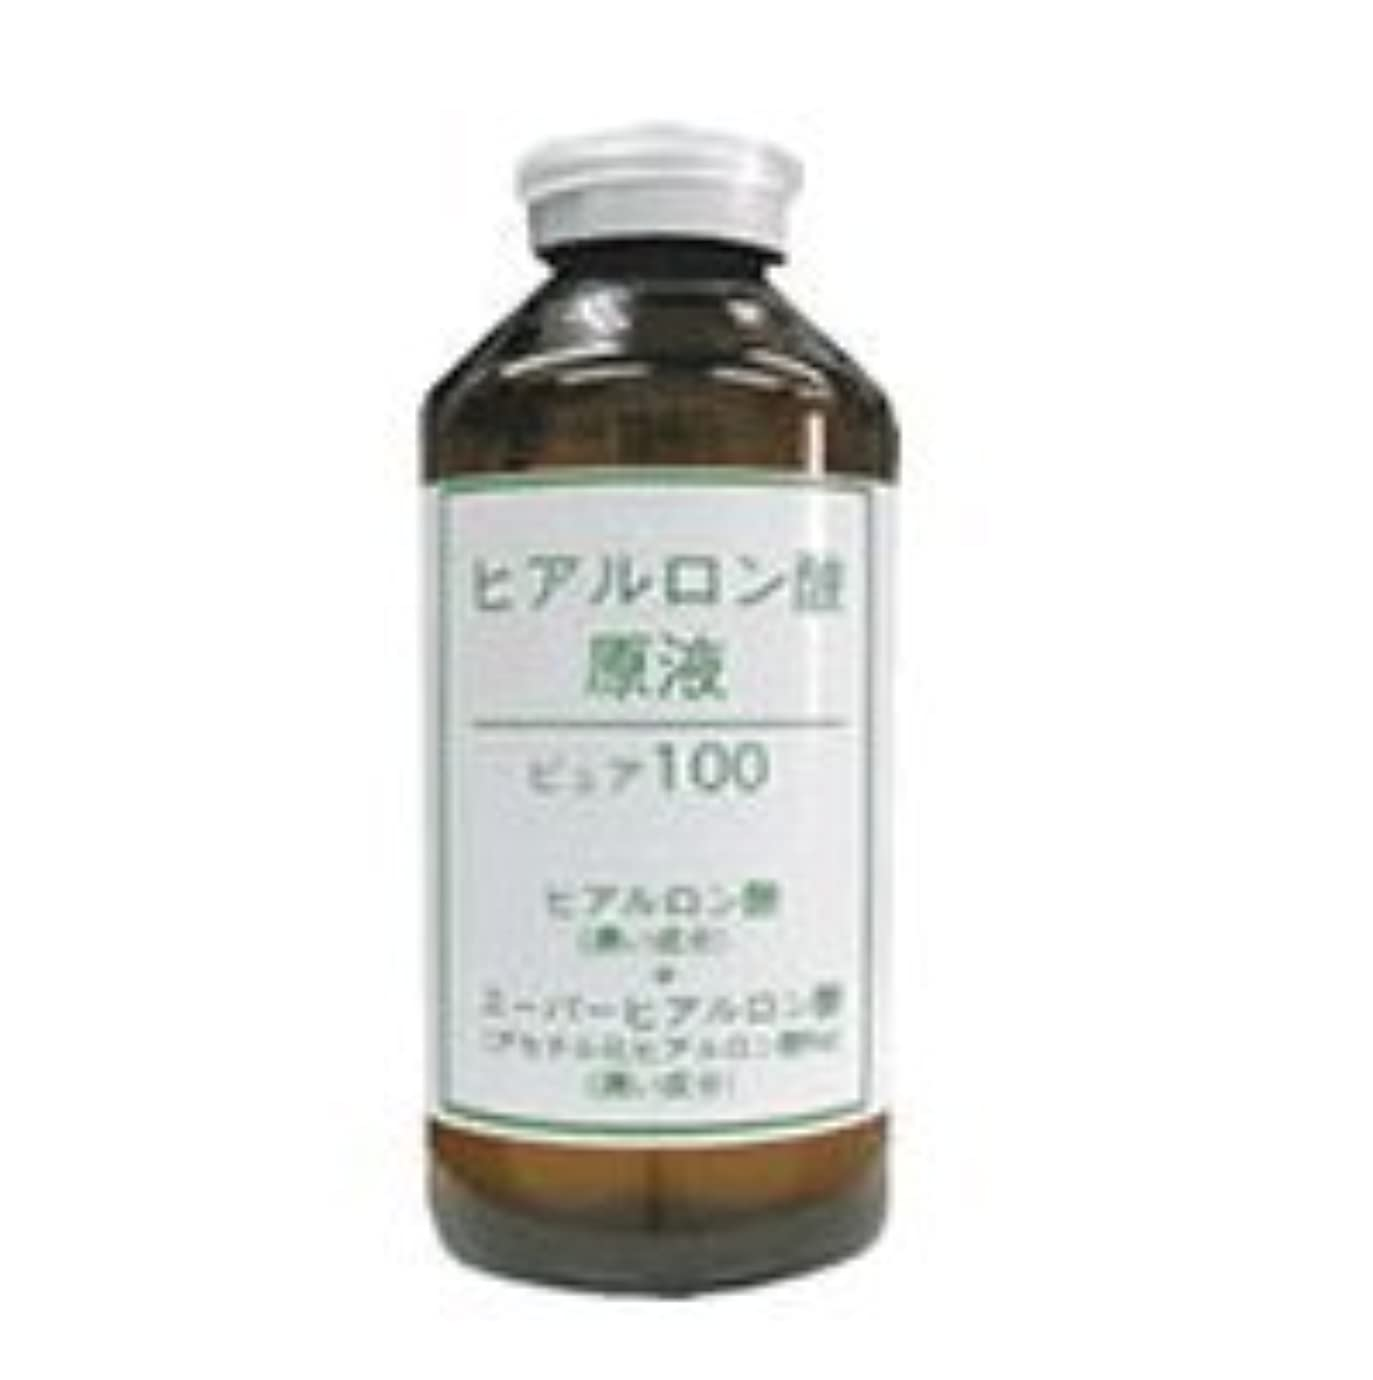 処方する天才コンサルタントヒアルロン酸原液 ピュアエッセンス 55ml  ヒアルロン酸+スーパーヒアルロン酸